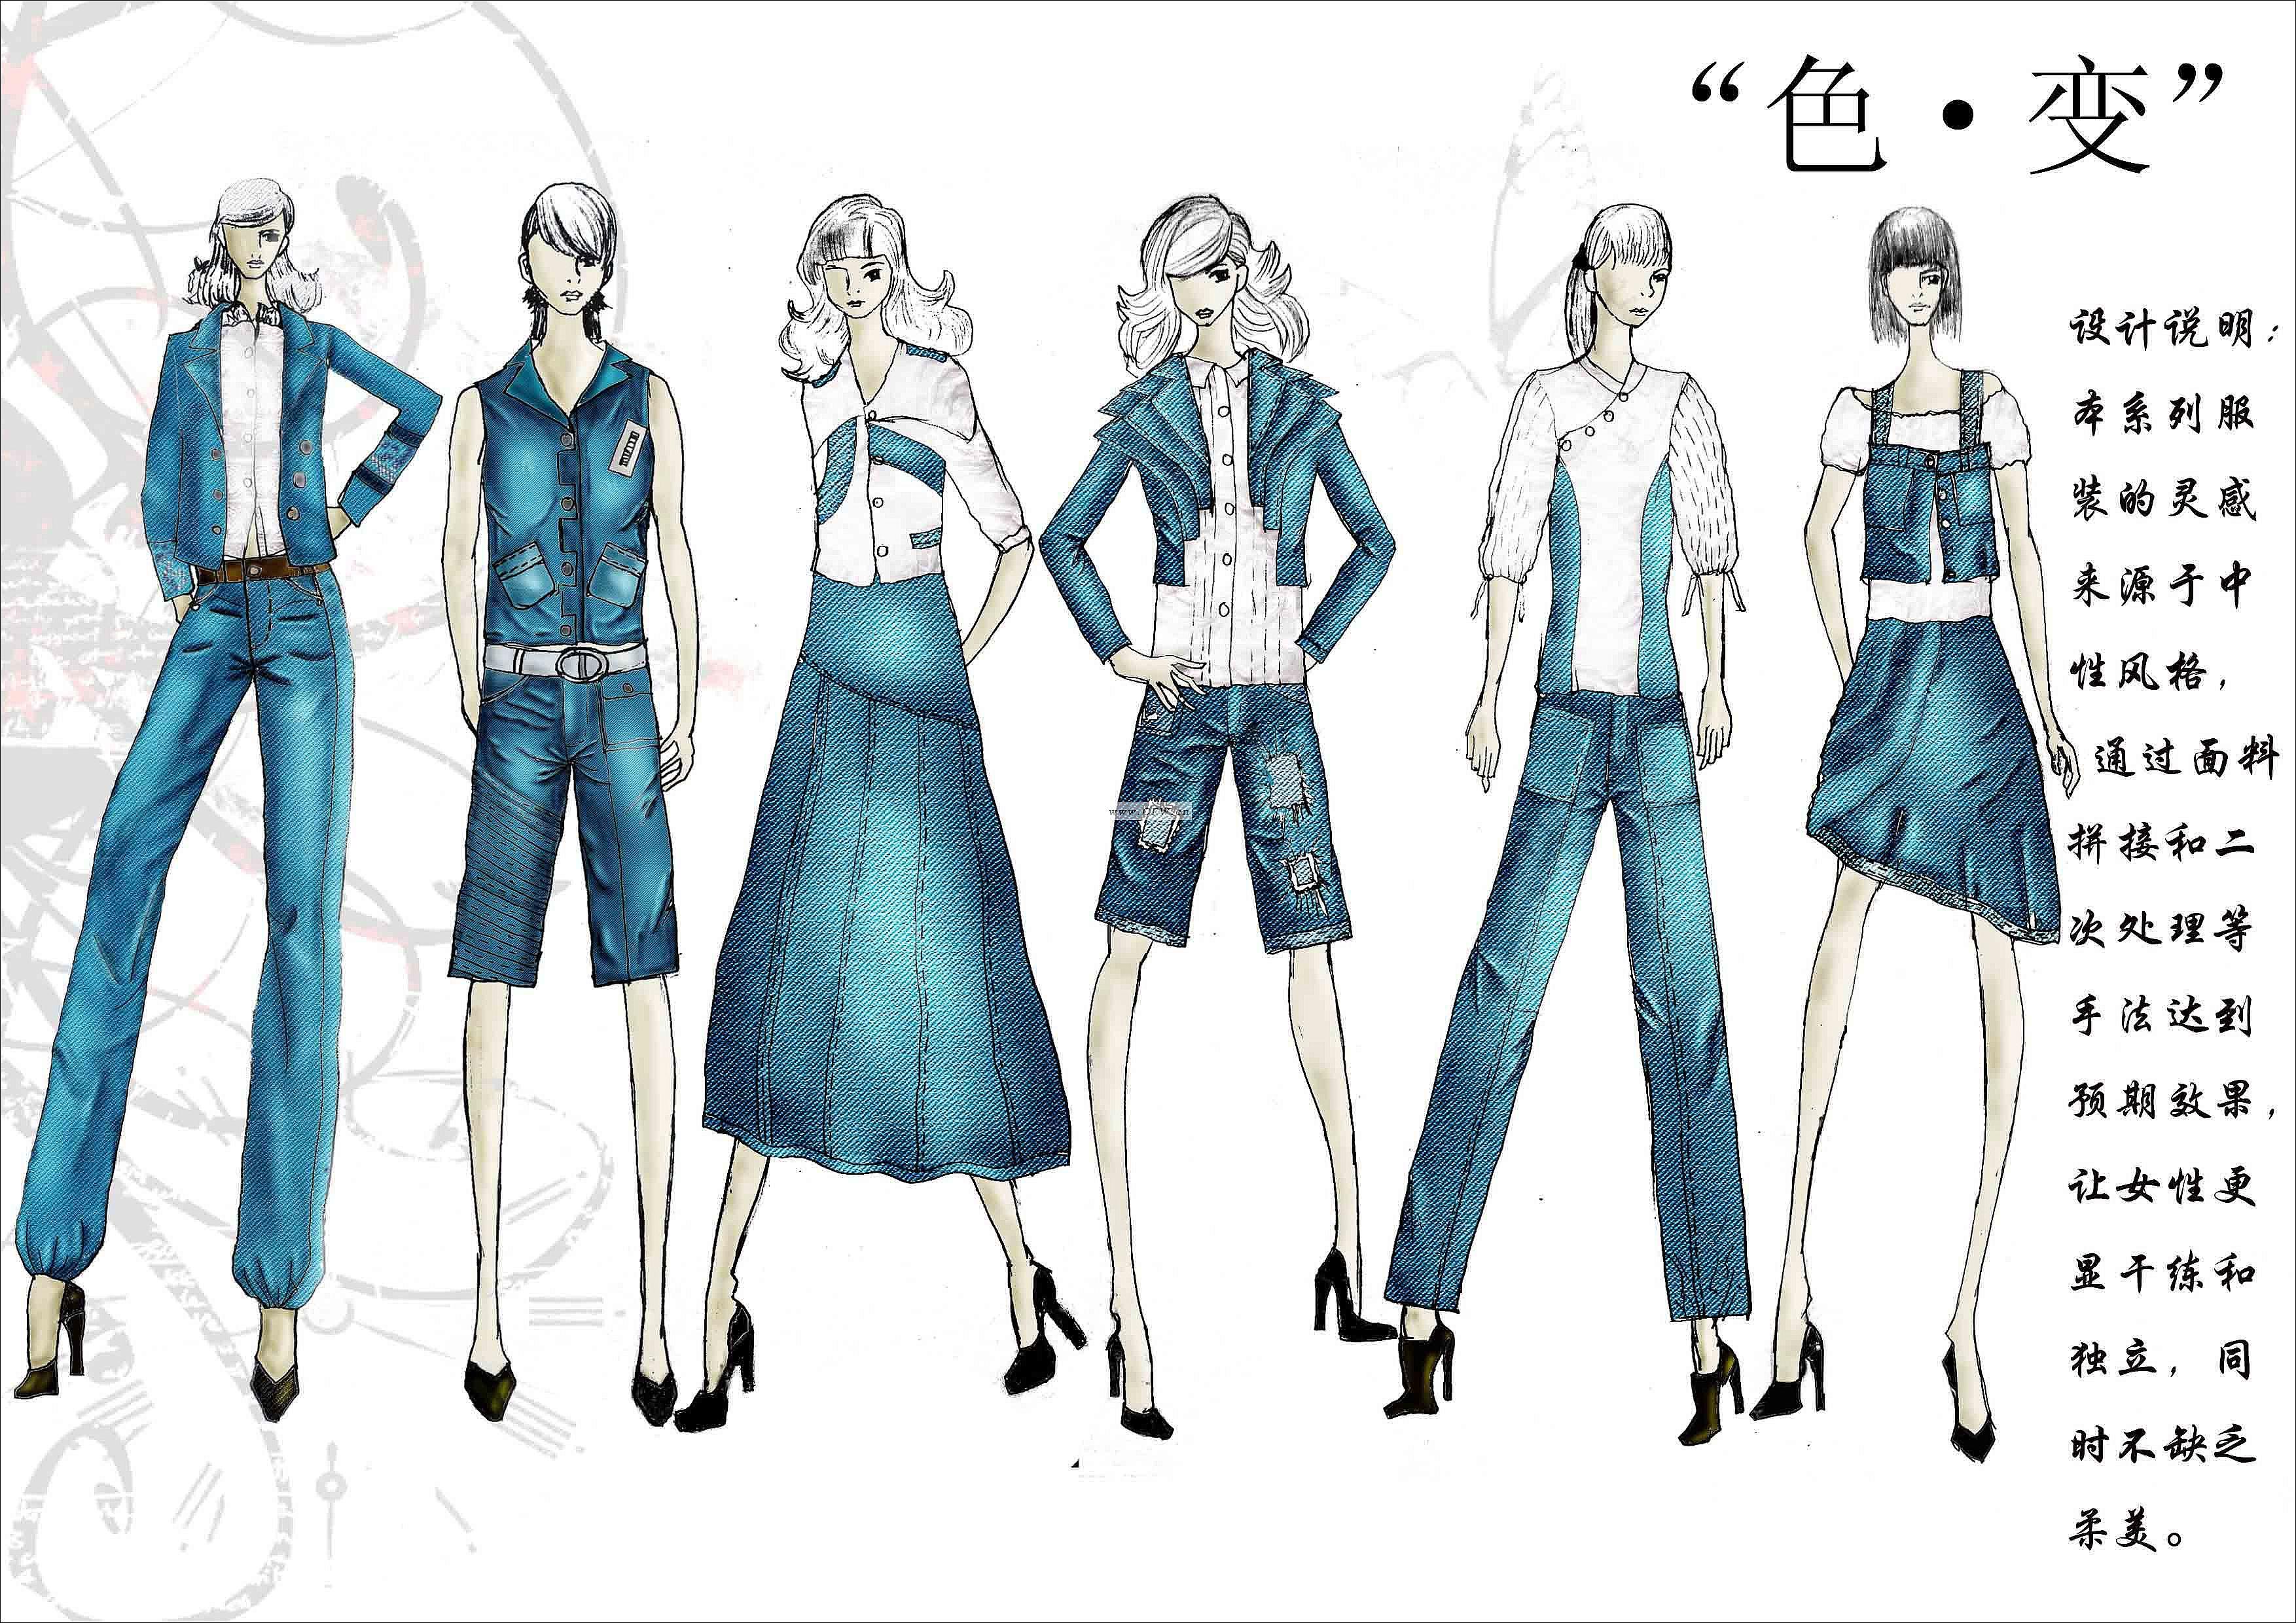 服装款式设计效果图都市套装系列 服装效果图背面